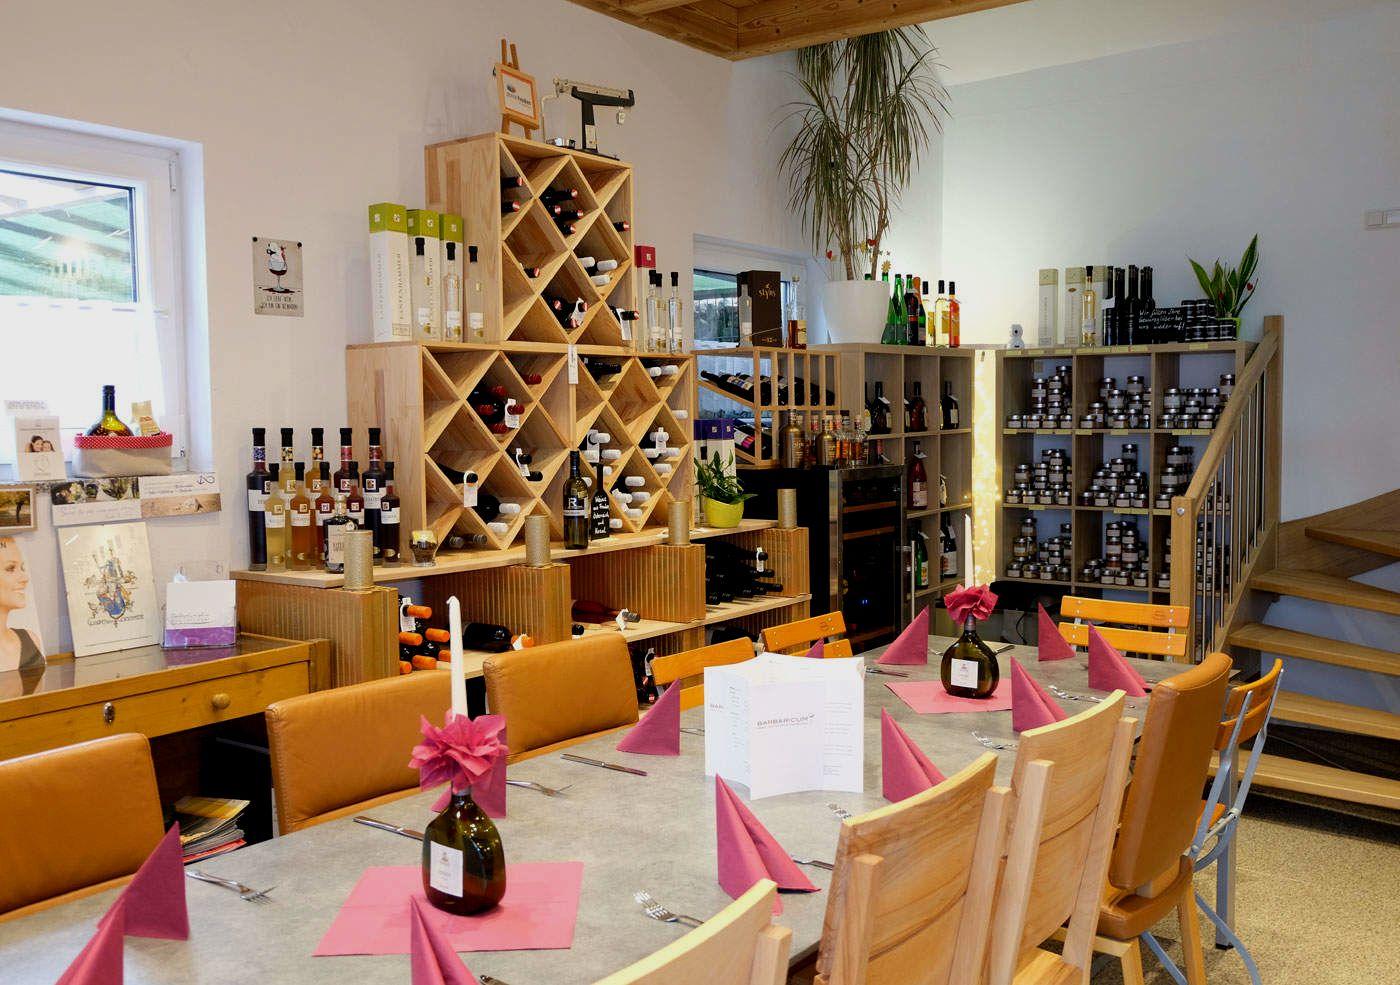 Barbaricum Wein- und Feinkosthandlung